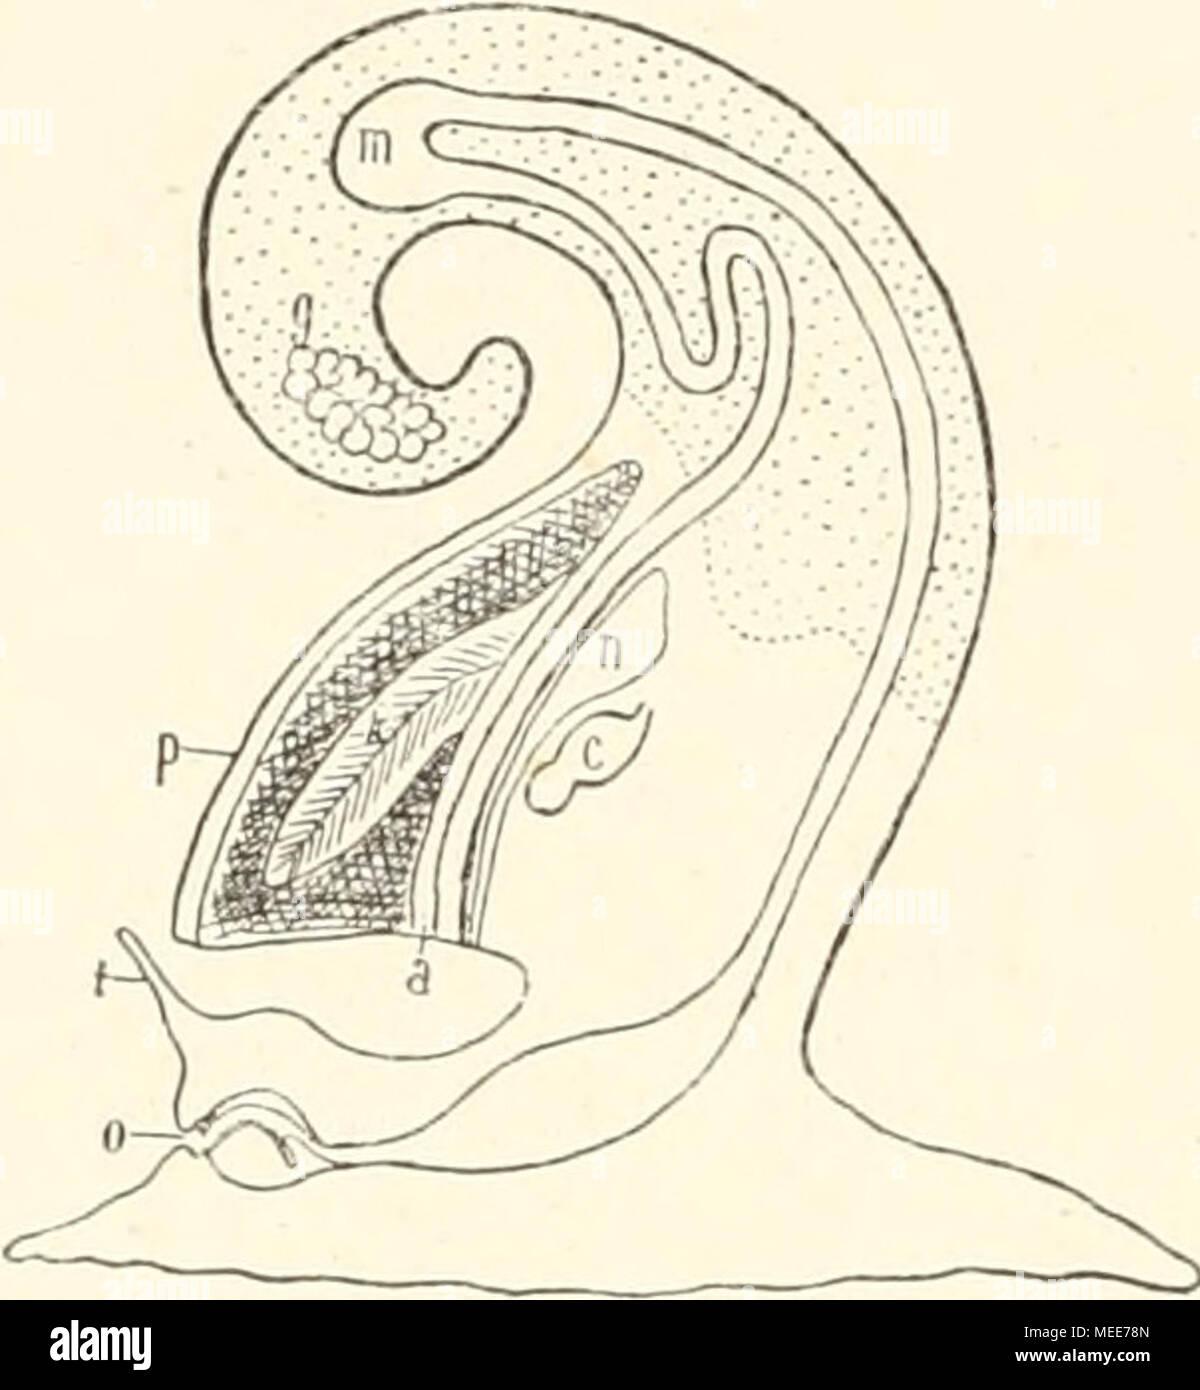 Ziemlich Oberflächenanatomie Begriffe Ideen - Menschliche Anatomie ...